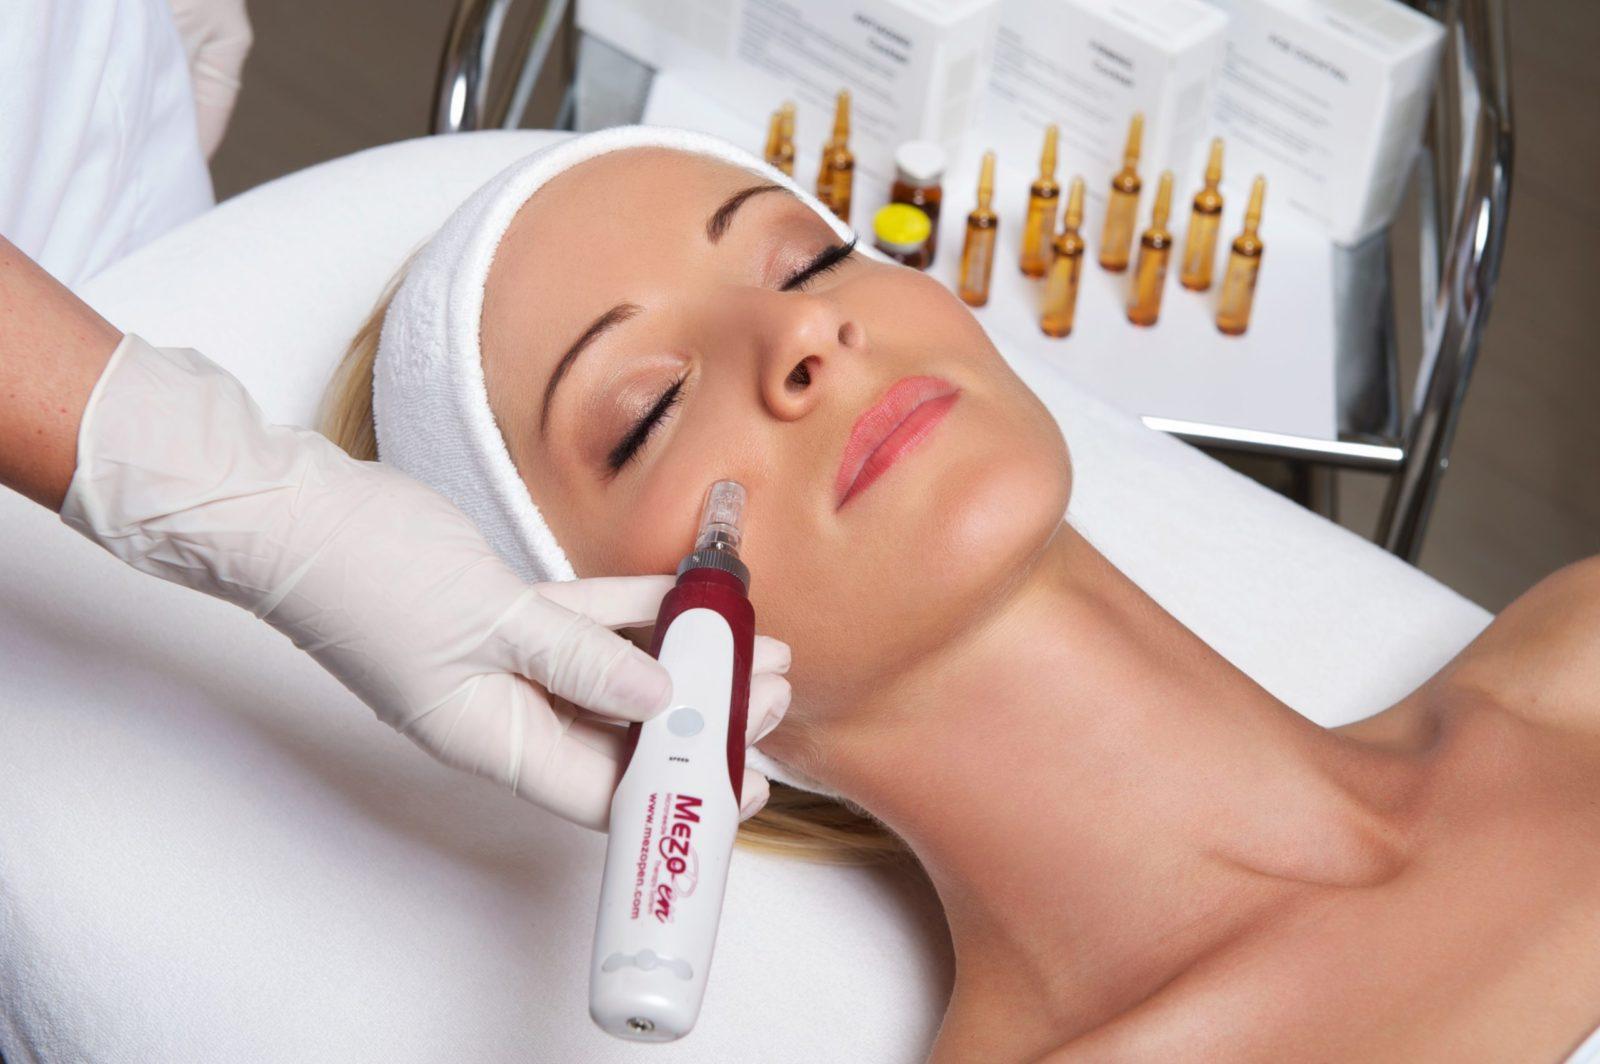 Мезотерапия лица и тела для омолаживания кожи